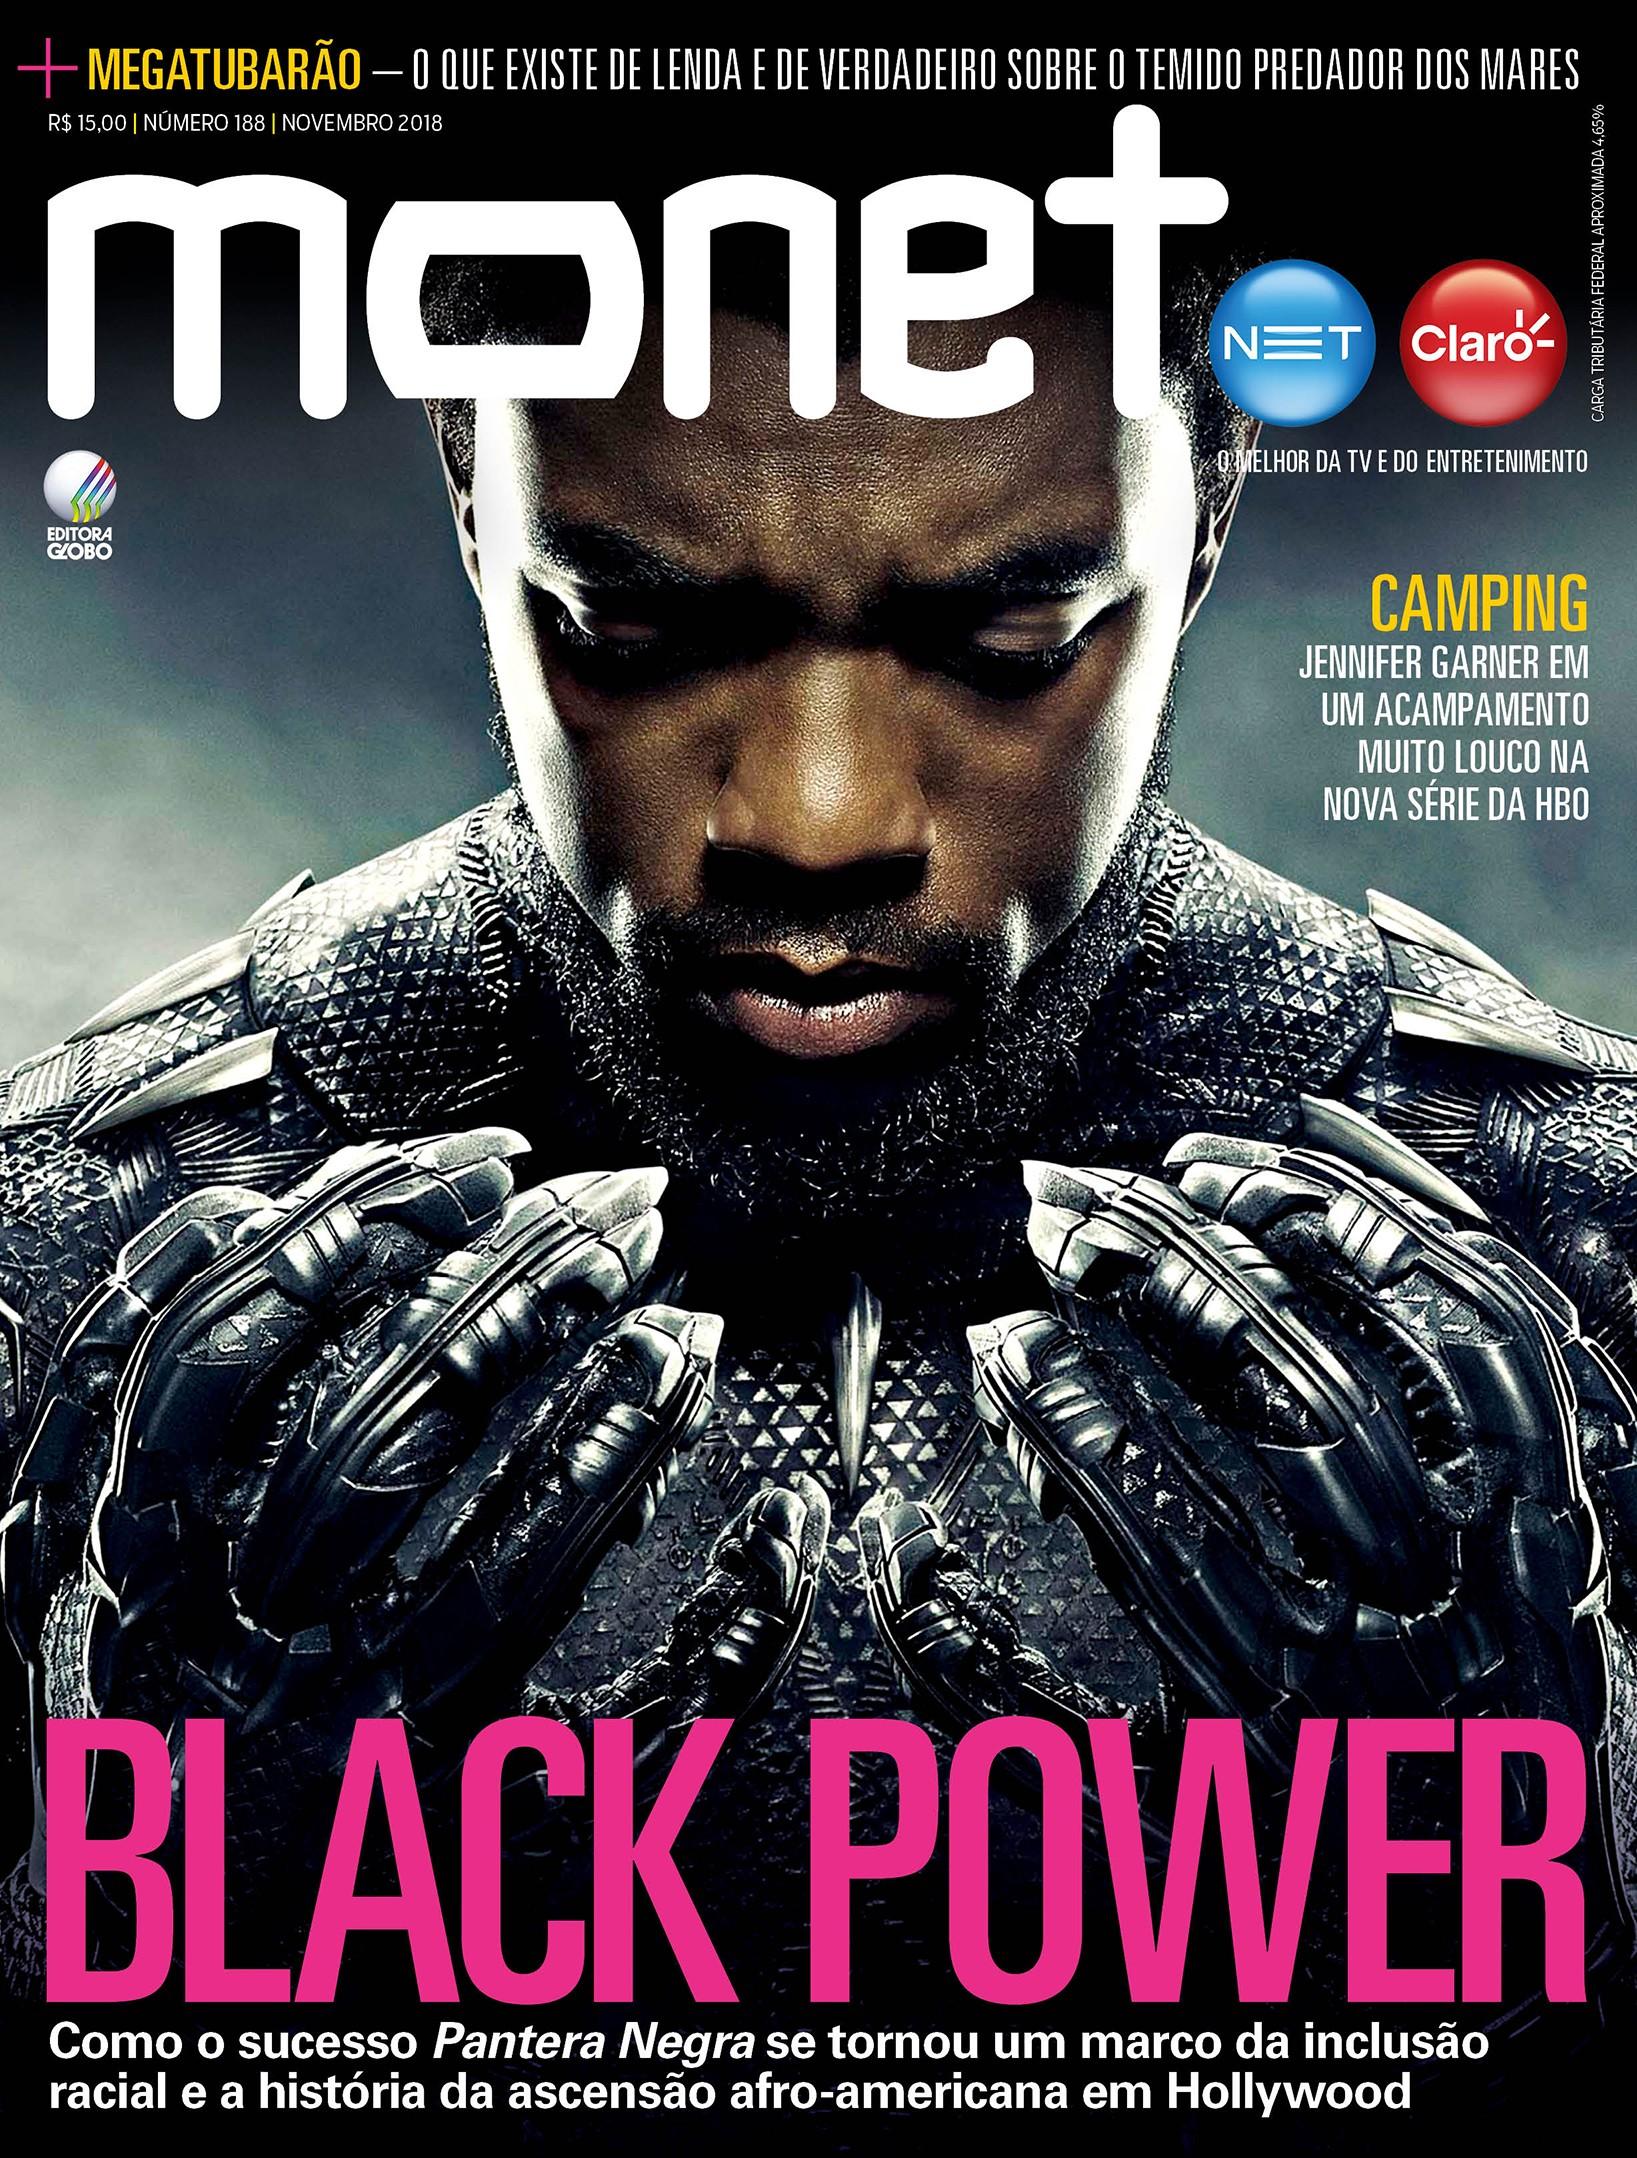 Revista Monet - Edição 188 - Novembro/2018 (Foto: Monet)